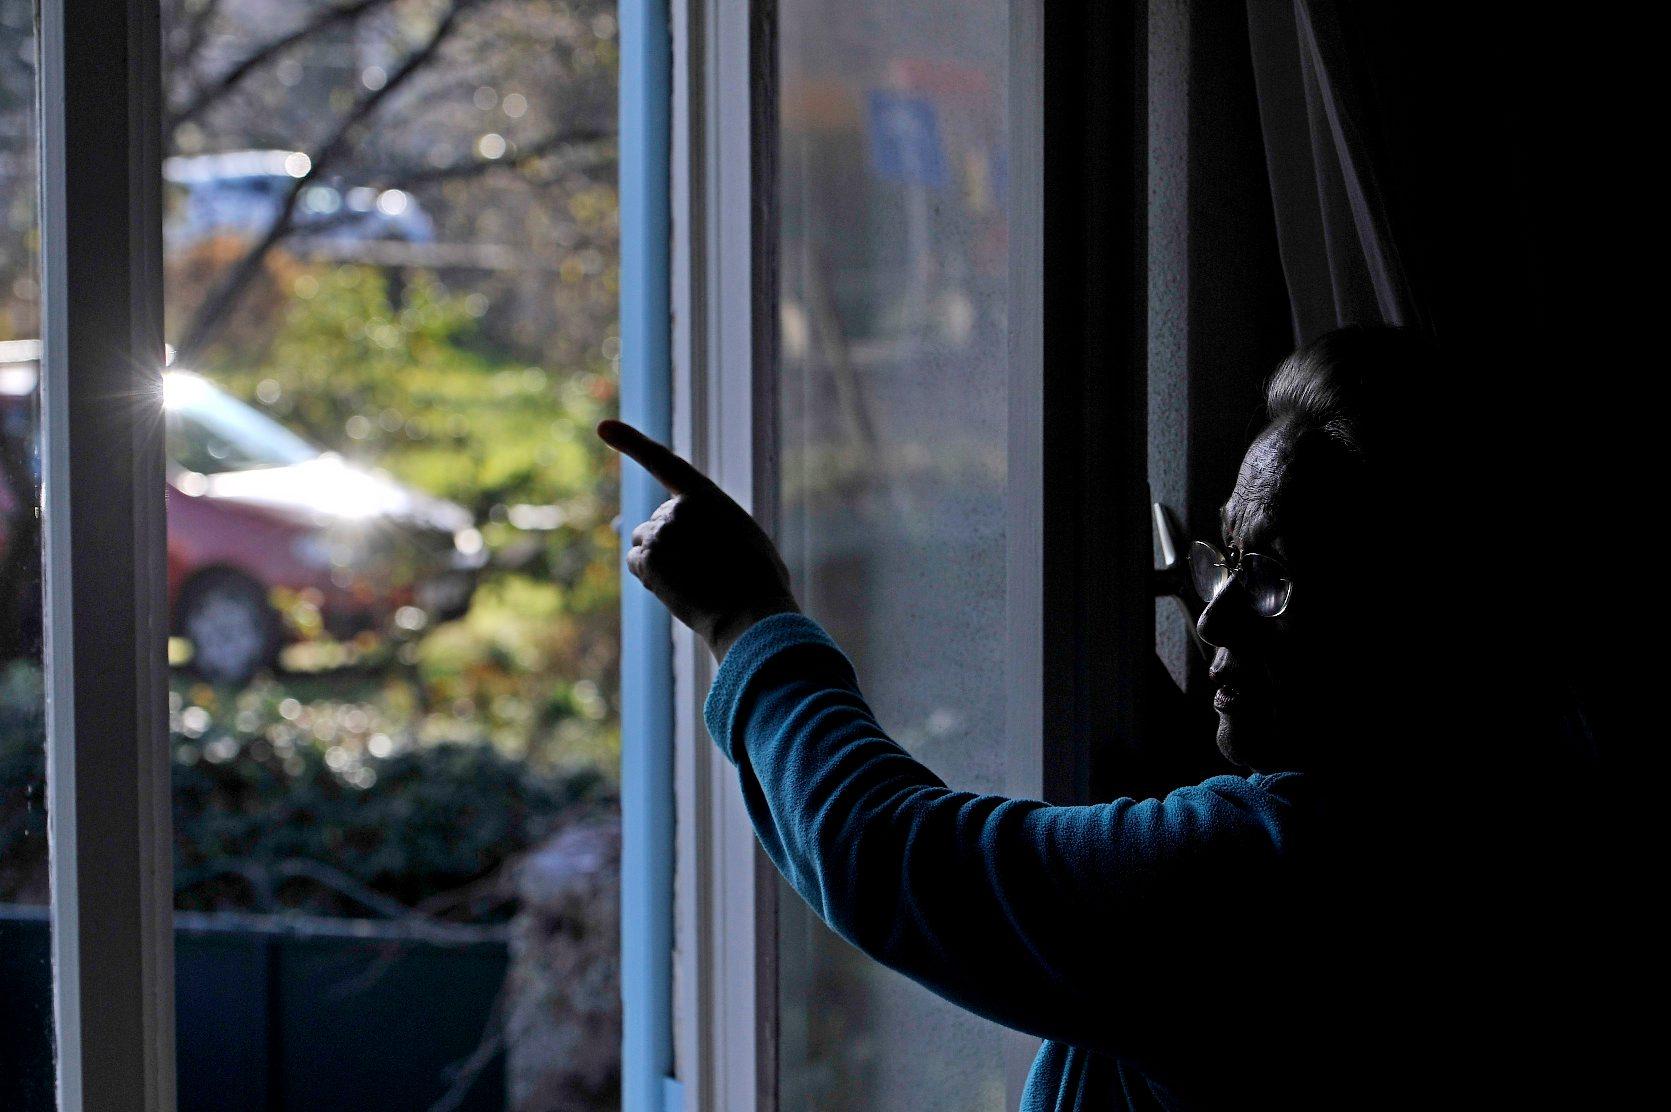 Nerezisca, 281218. Opcina Nerezisca je prije nekoliko godina uvela javnu LED rasvjetu. Rasvjeta se financirala sredstvima Fonda za zastitu okolisa i energetsku ucinkovitost.Umirovljena doktorica Smiljanka Boban koja ima staru kucu se bori protiv rasvjete jer tvrdi da je prejaka i da skodi zdravlju ljudi. Na fotografiji: Smiljanka Boban u svojoj kuci  Foto: Nikola Vilic / CROPIX